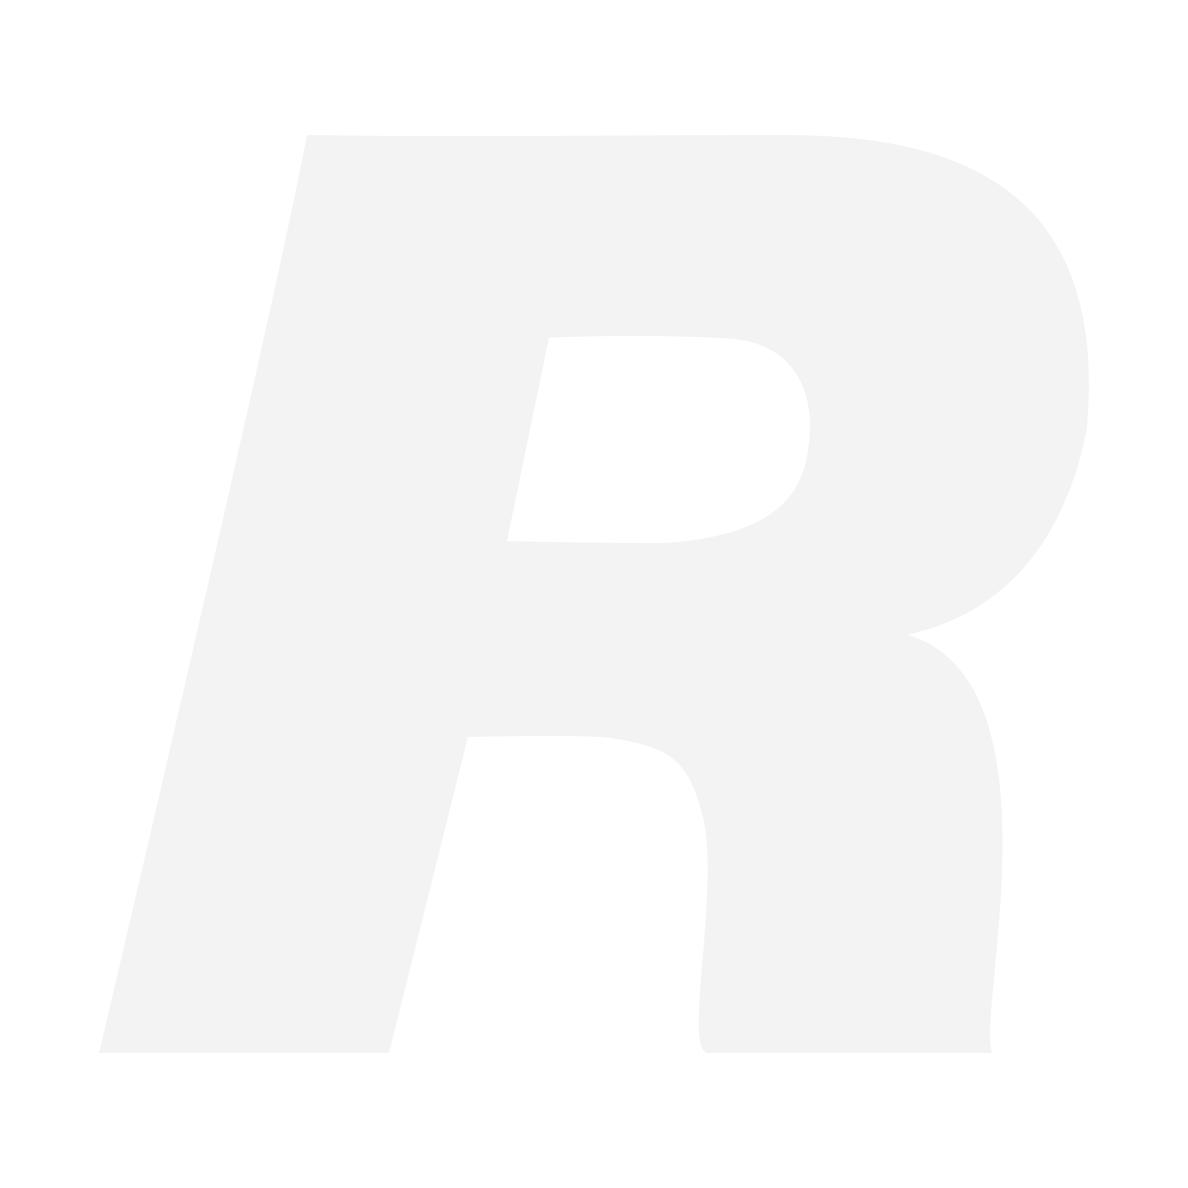 Sony A7R Mark II + HVL-F60M